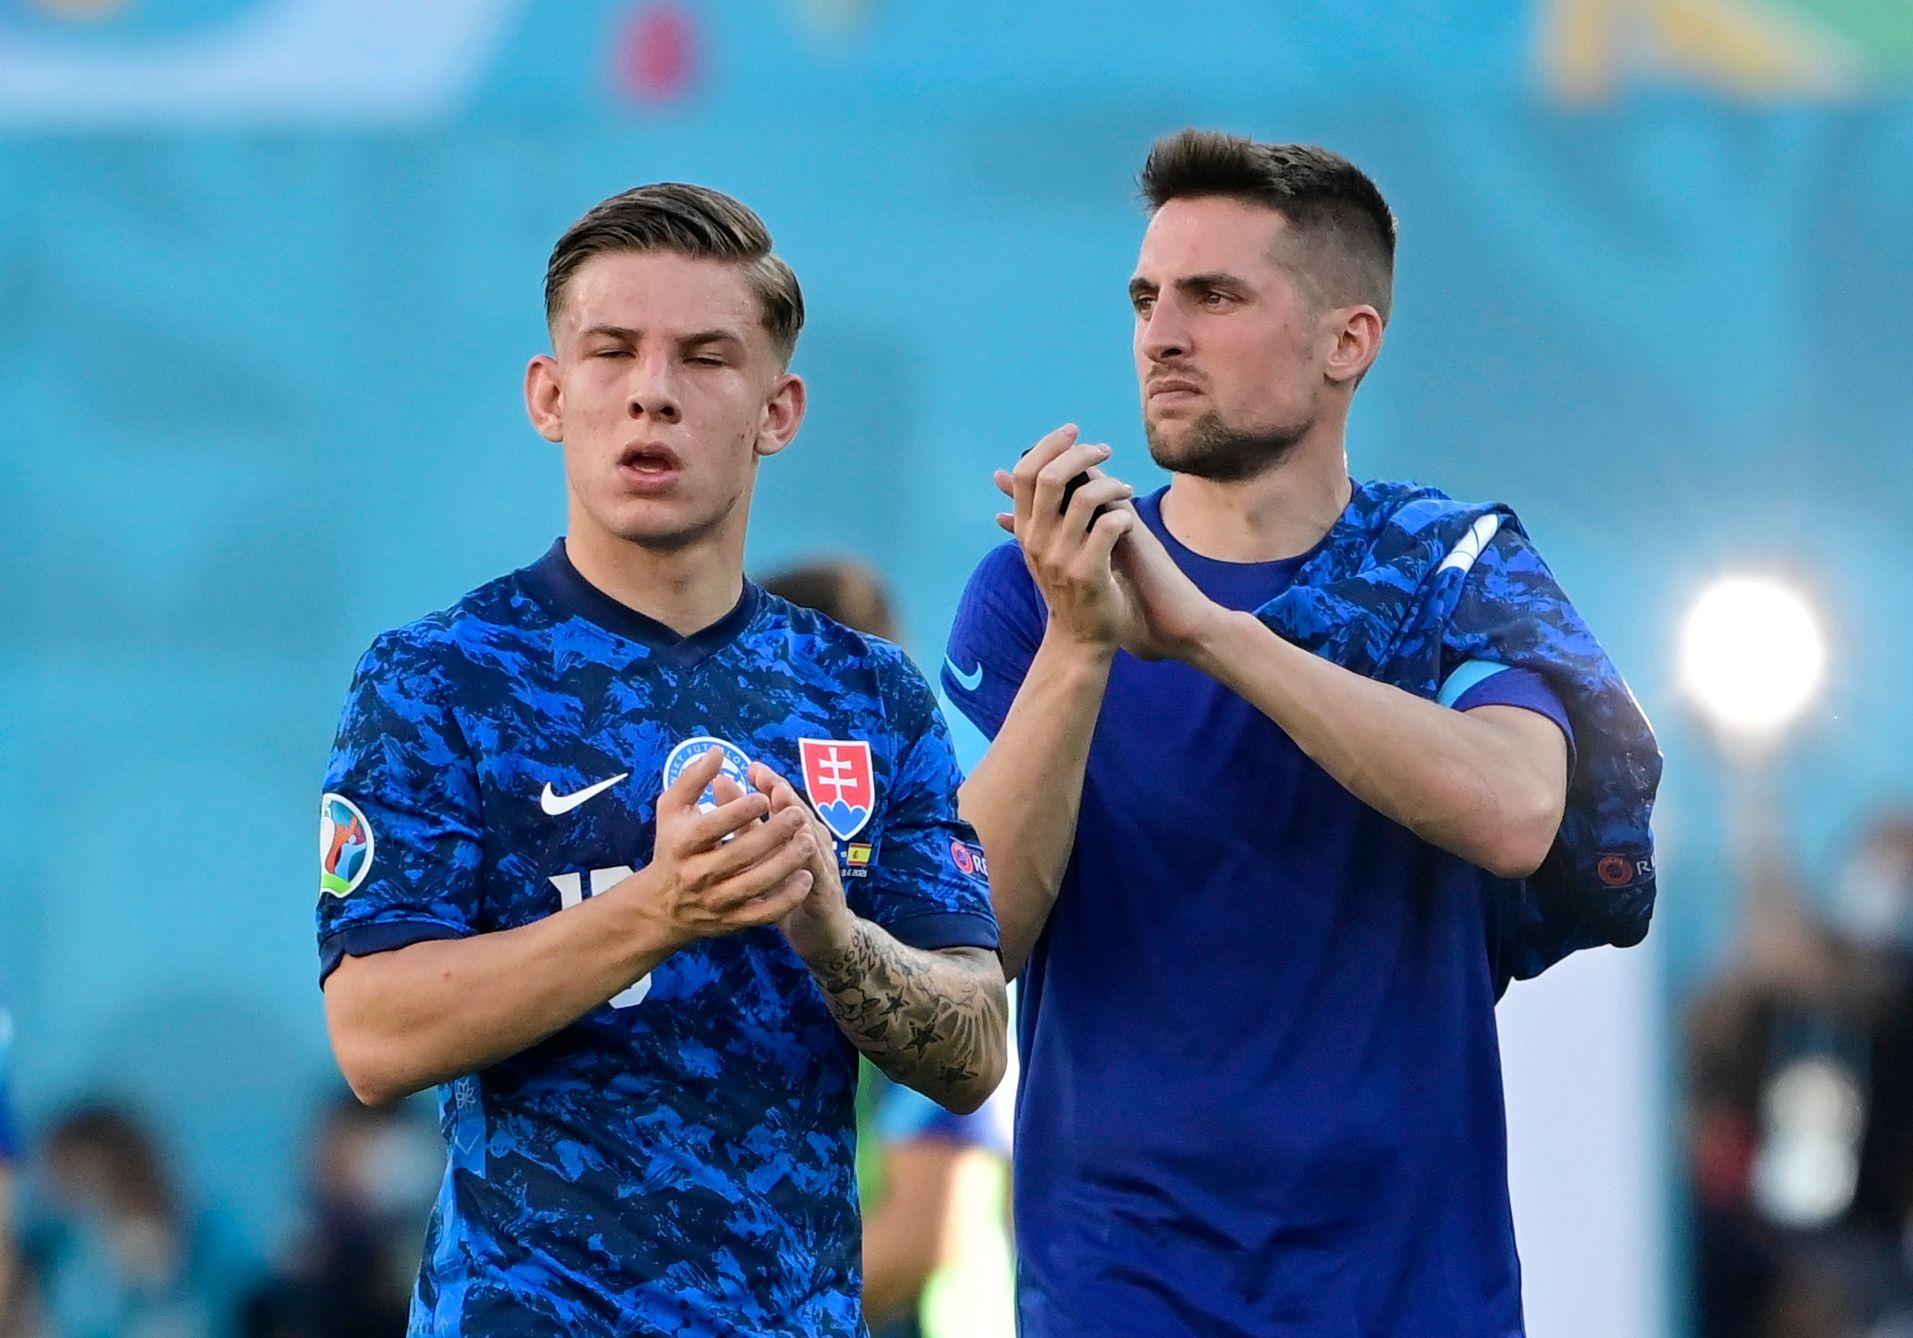 Chycená penalta nestačila, Slováci si dali dva vlastní góly a po výprasku končí